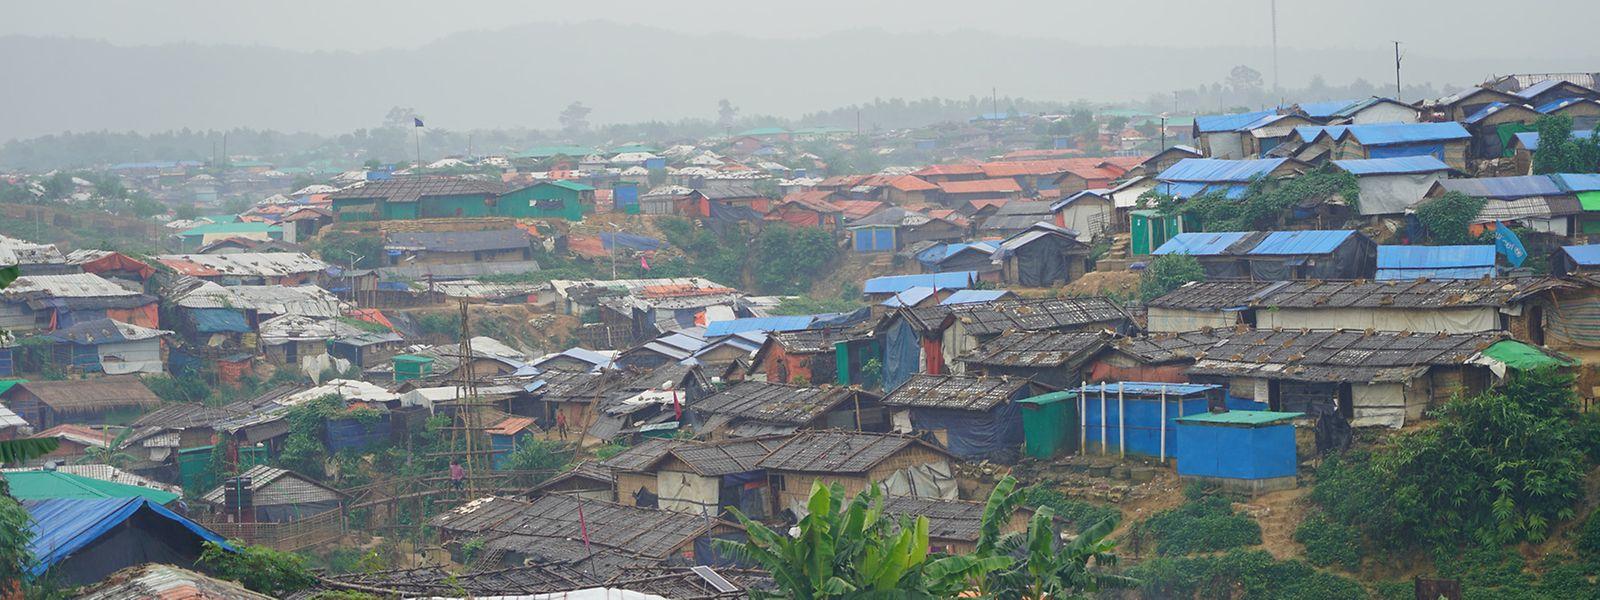 In den Flüchtlingslagern in Bangladesch lebt rund eine Million Rohingya auf engstem Raum.